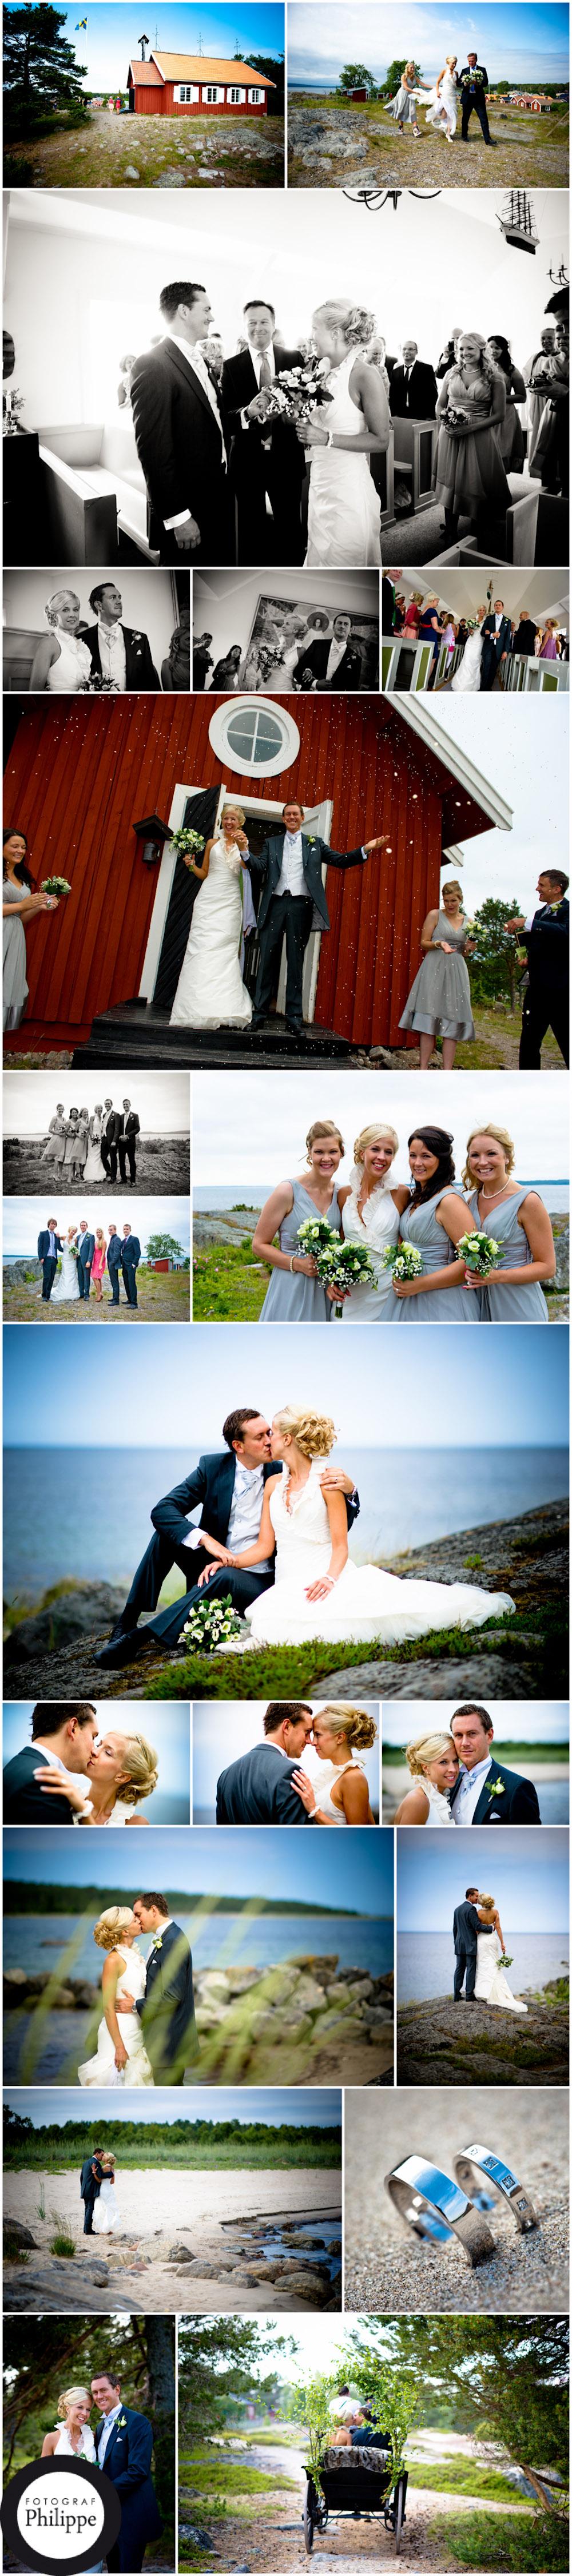 Bröllop vi havet på Hölick med Frida och Fredrik. 16